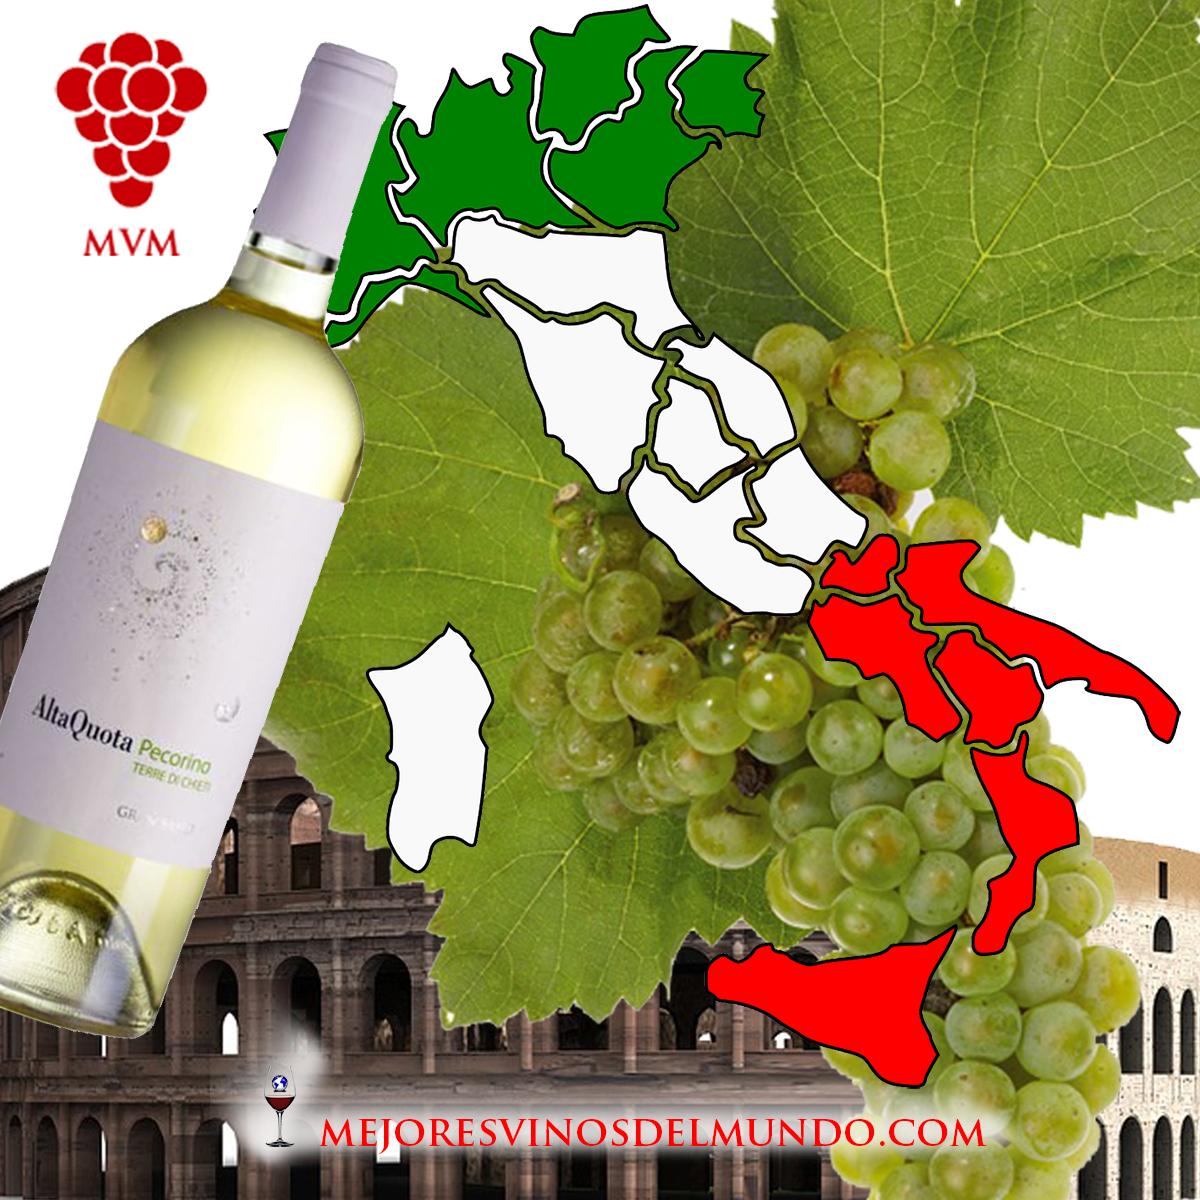 La potencia de los vinos italianos marida perfectamente con la singular y potente gastronomía italiana.